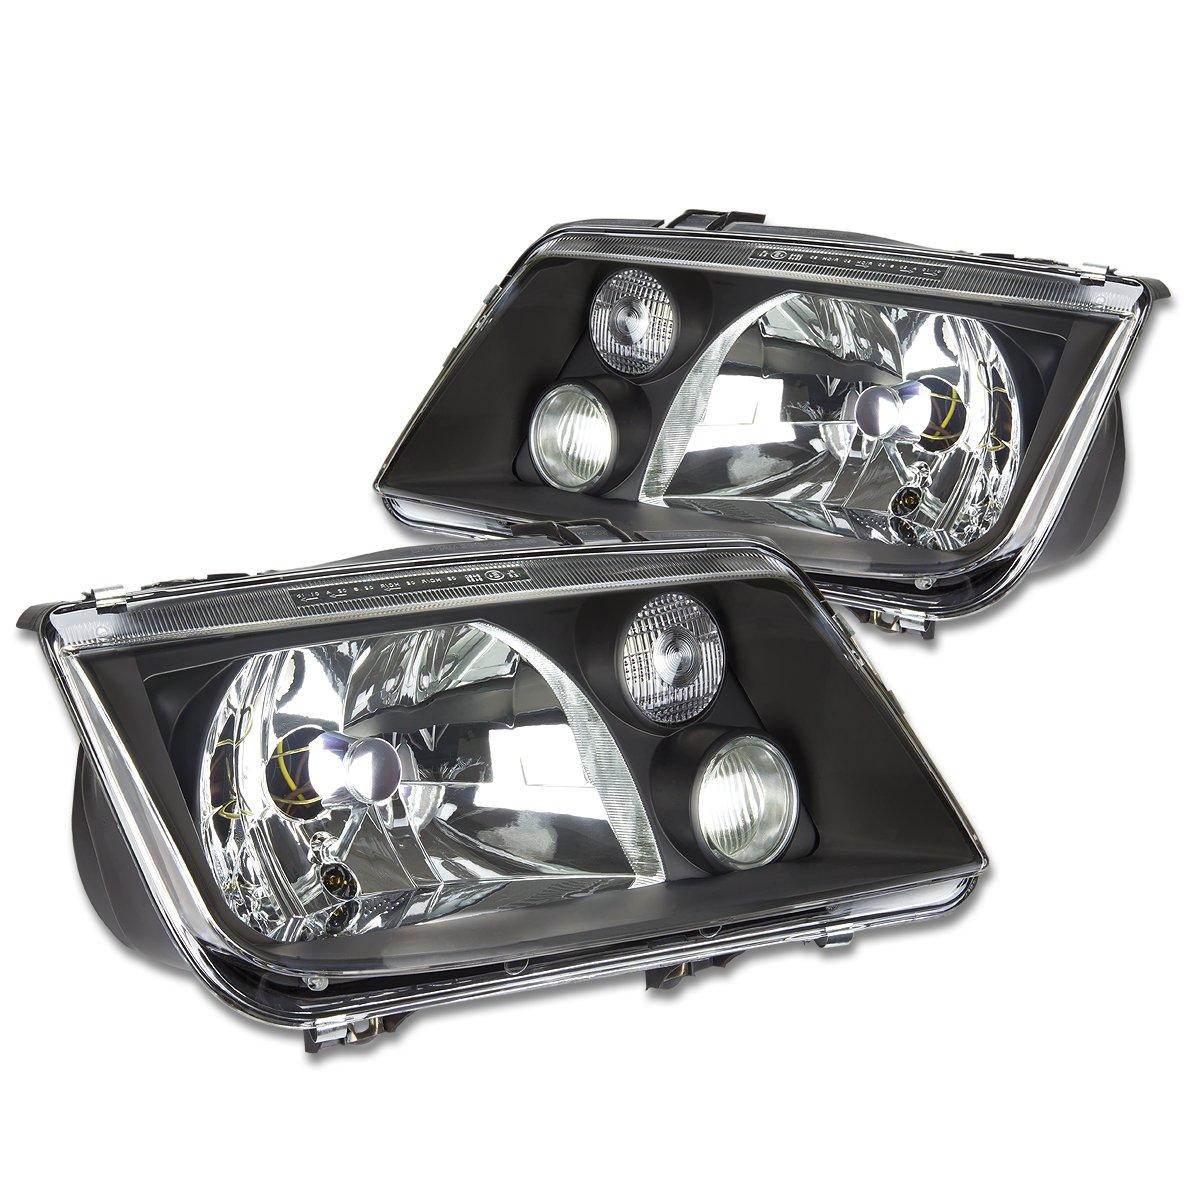 Driver /& Passenger Side DNA Motoring HL-OH-VWJE99-BK Headlight